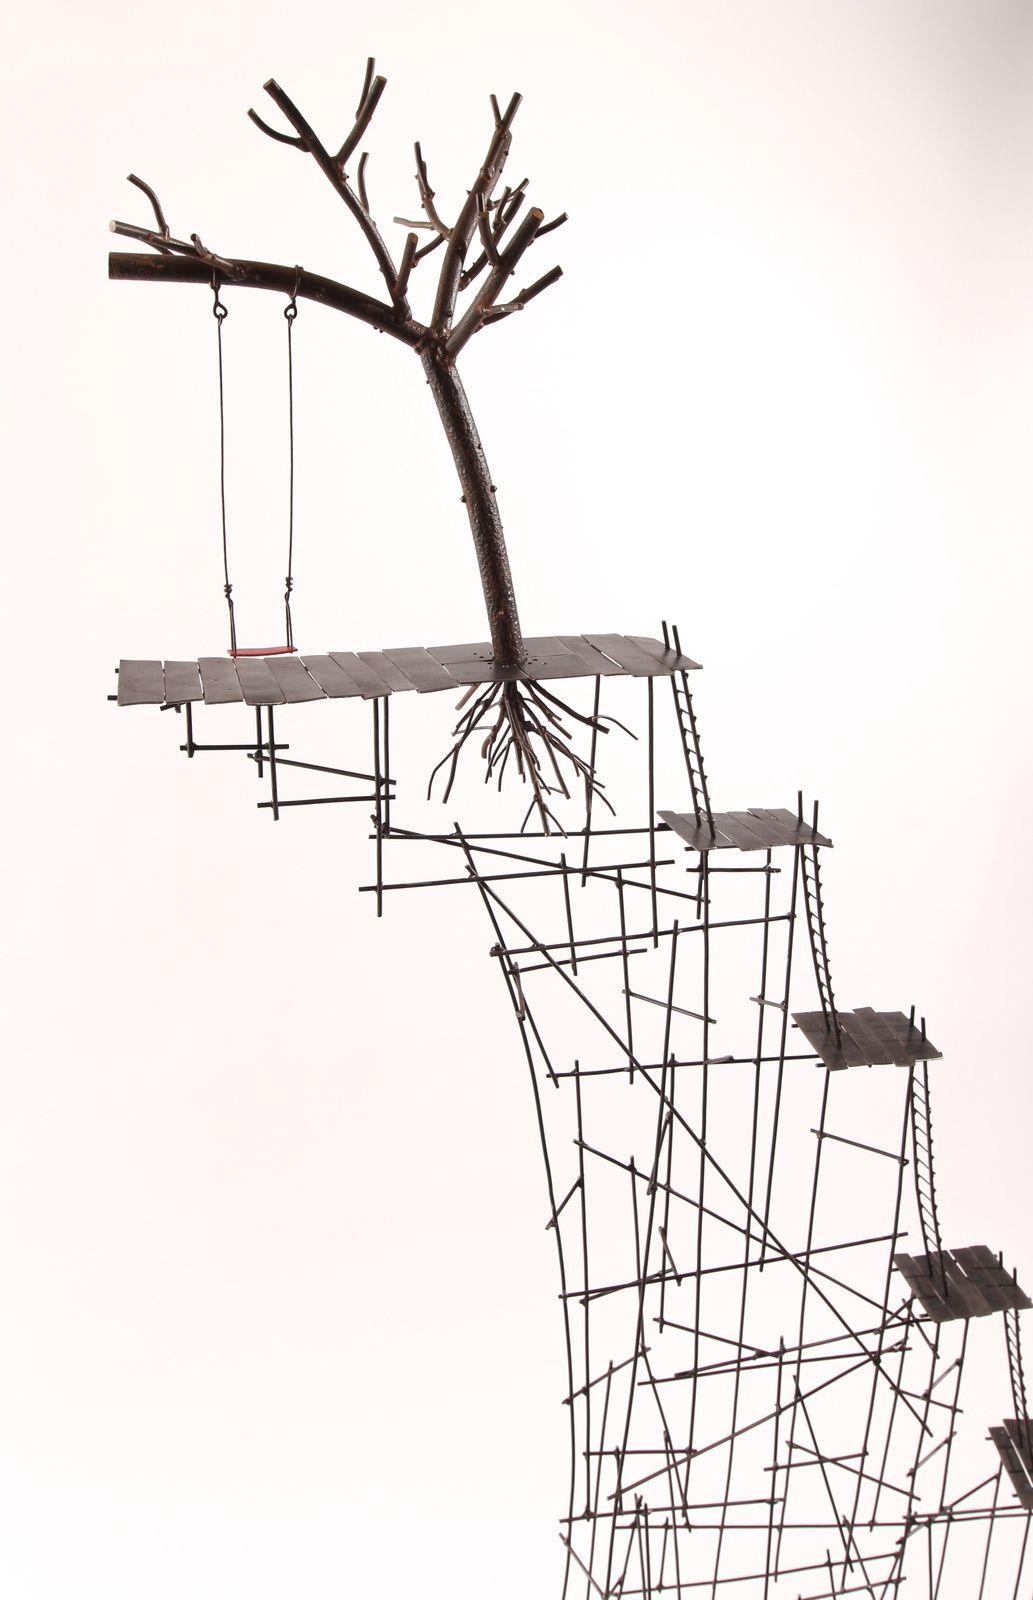 Au bord du soir, fil de fer, tôle d'acier, arbre en métal de récupération, socle en bois peint et patiné, vernis. H: 185 cm